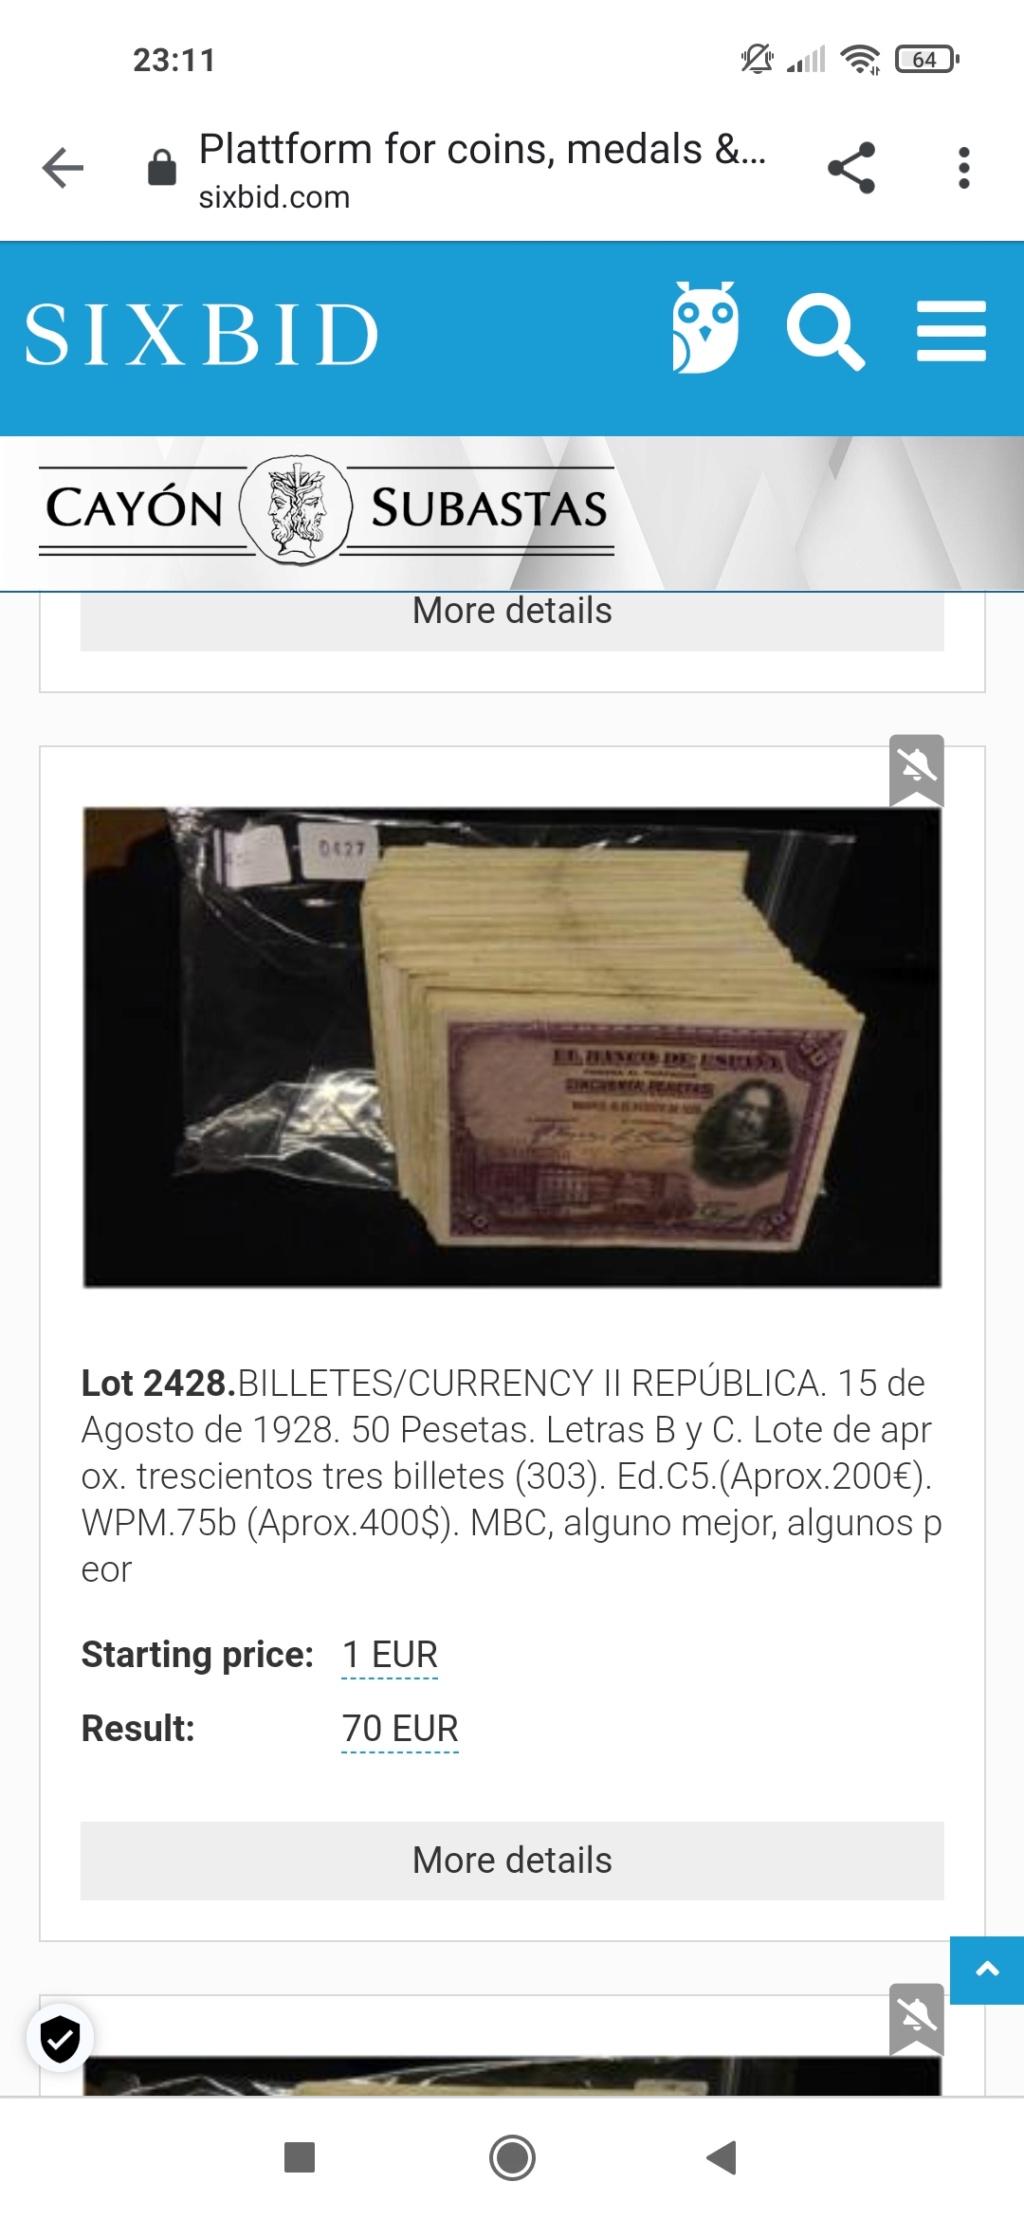 [+ COMUNES I] - Billetes Alfonso XIII / República - Página 2 Screen44